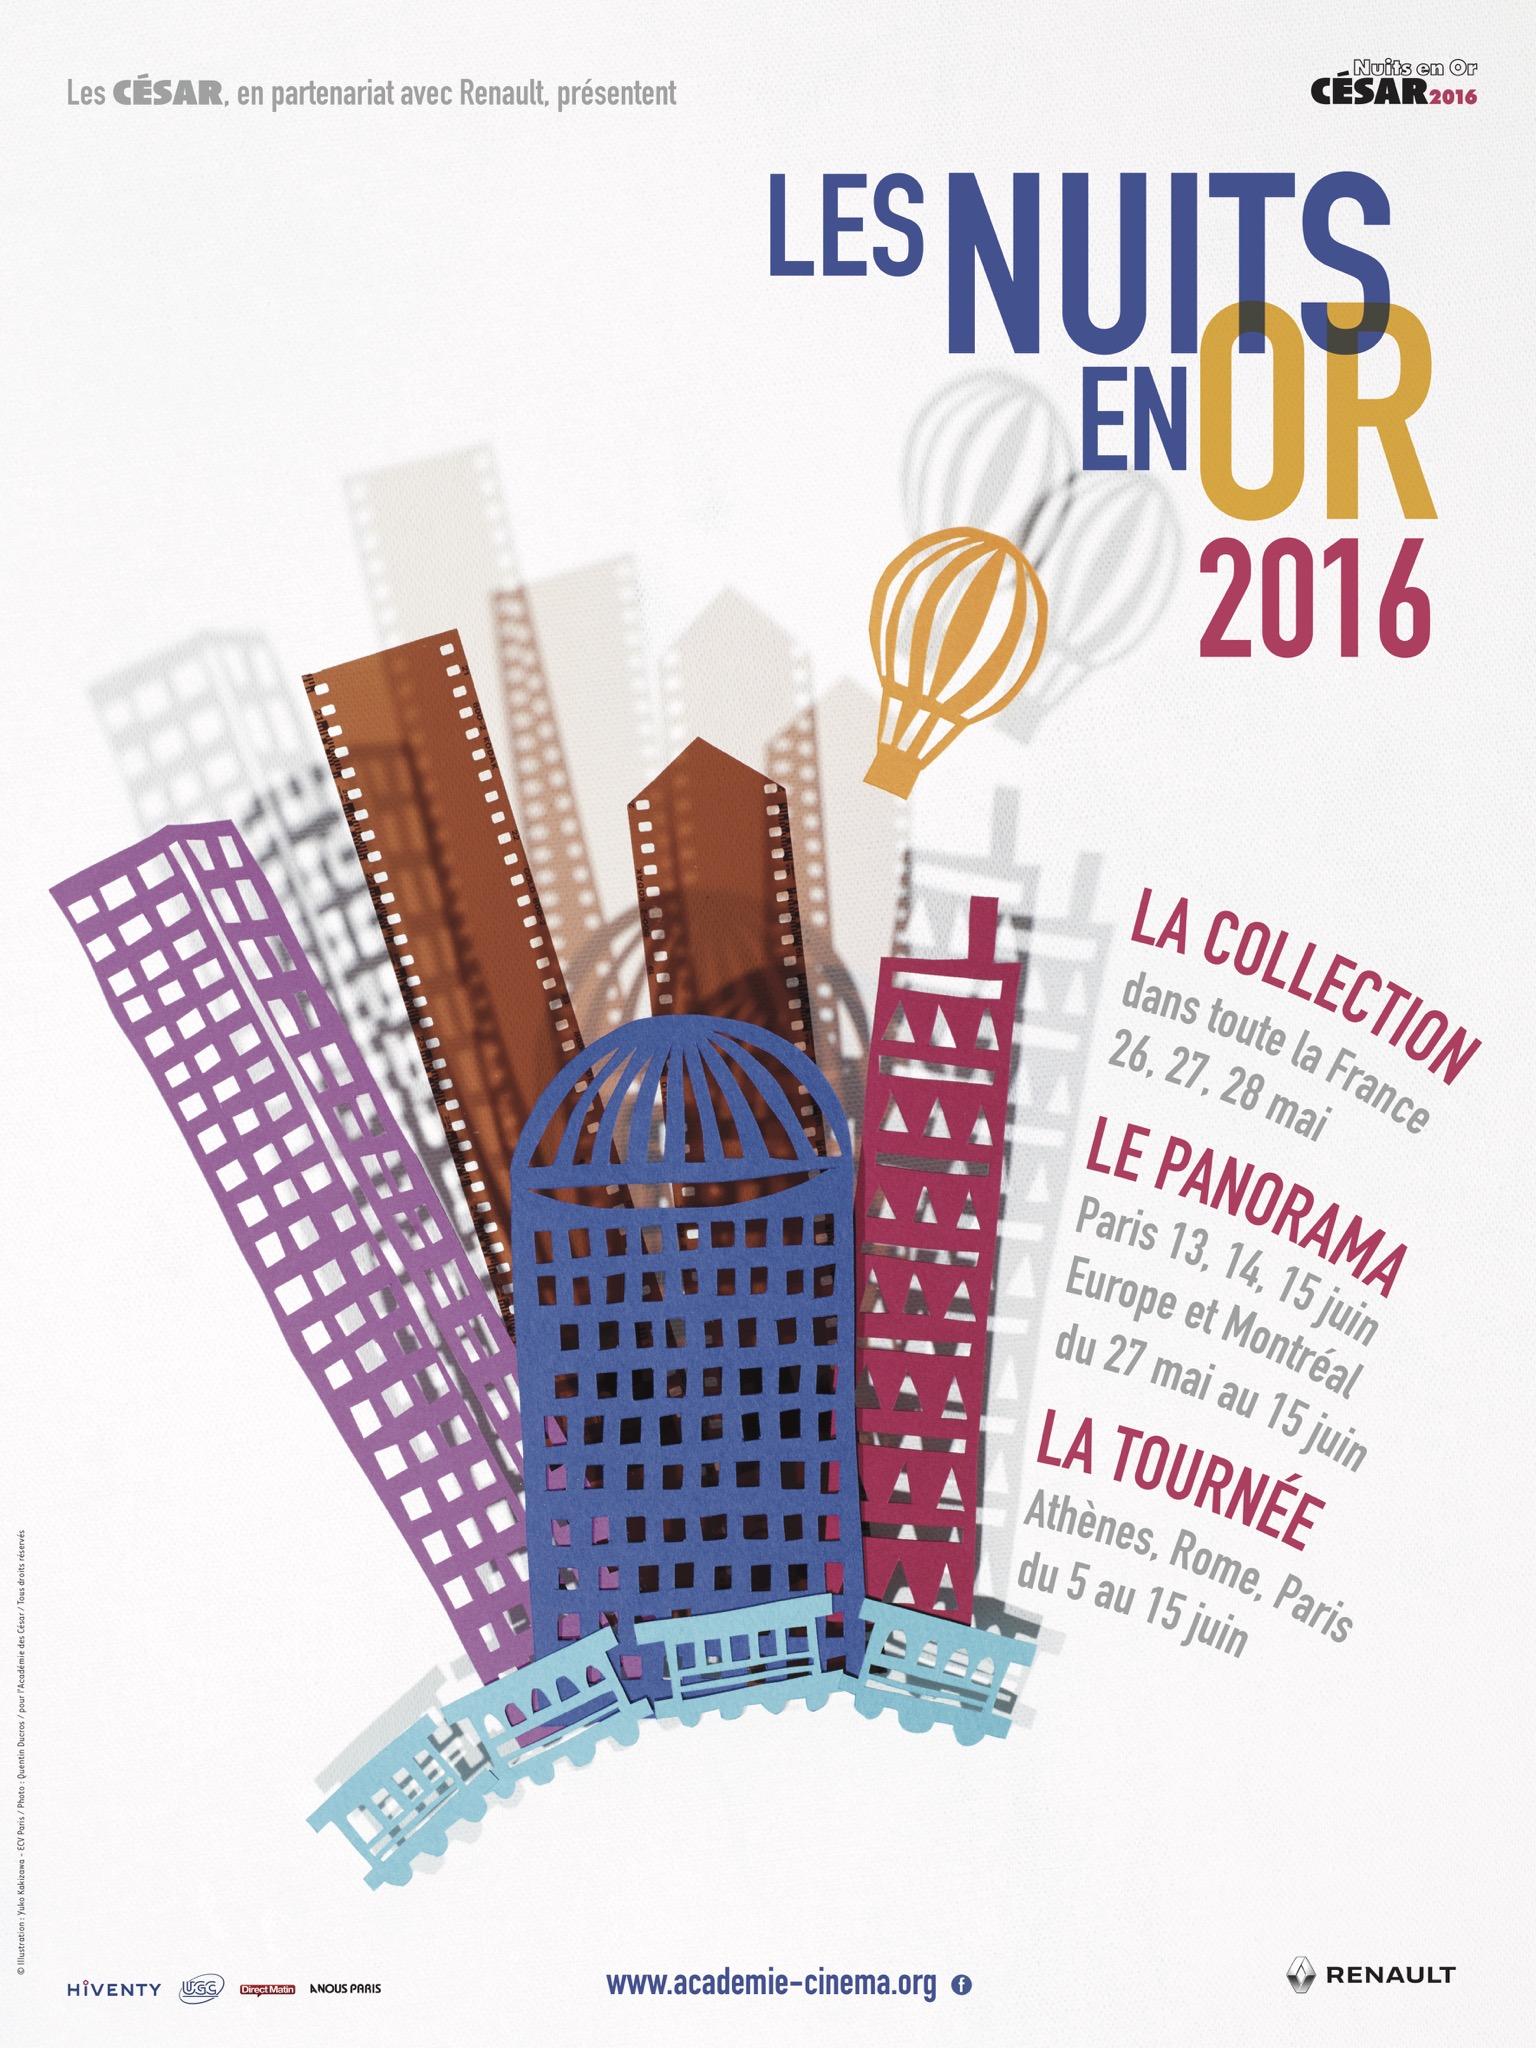 Les Nuits en Or 2016 affiche